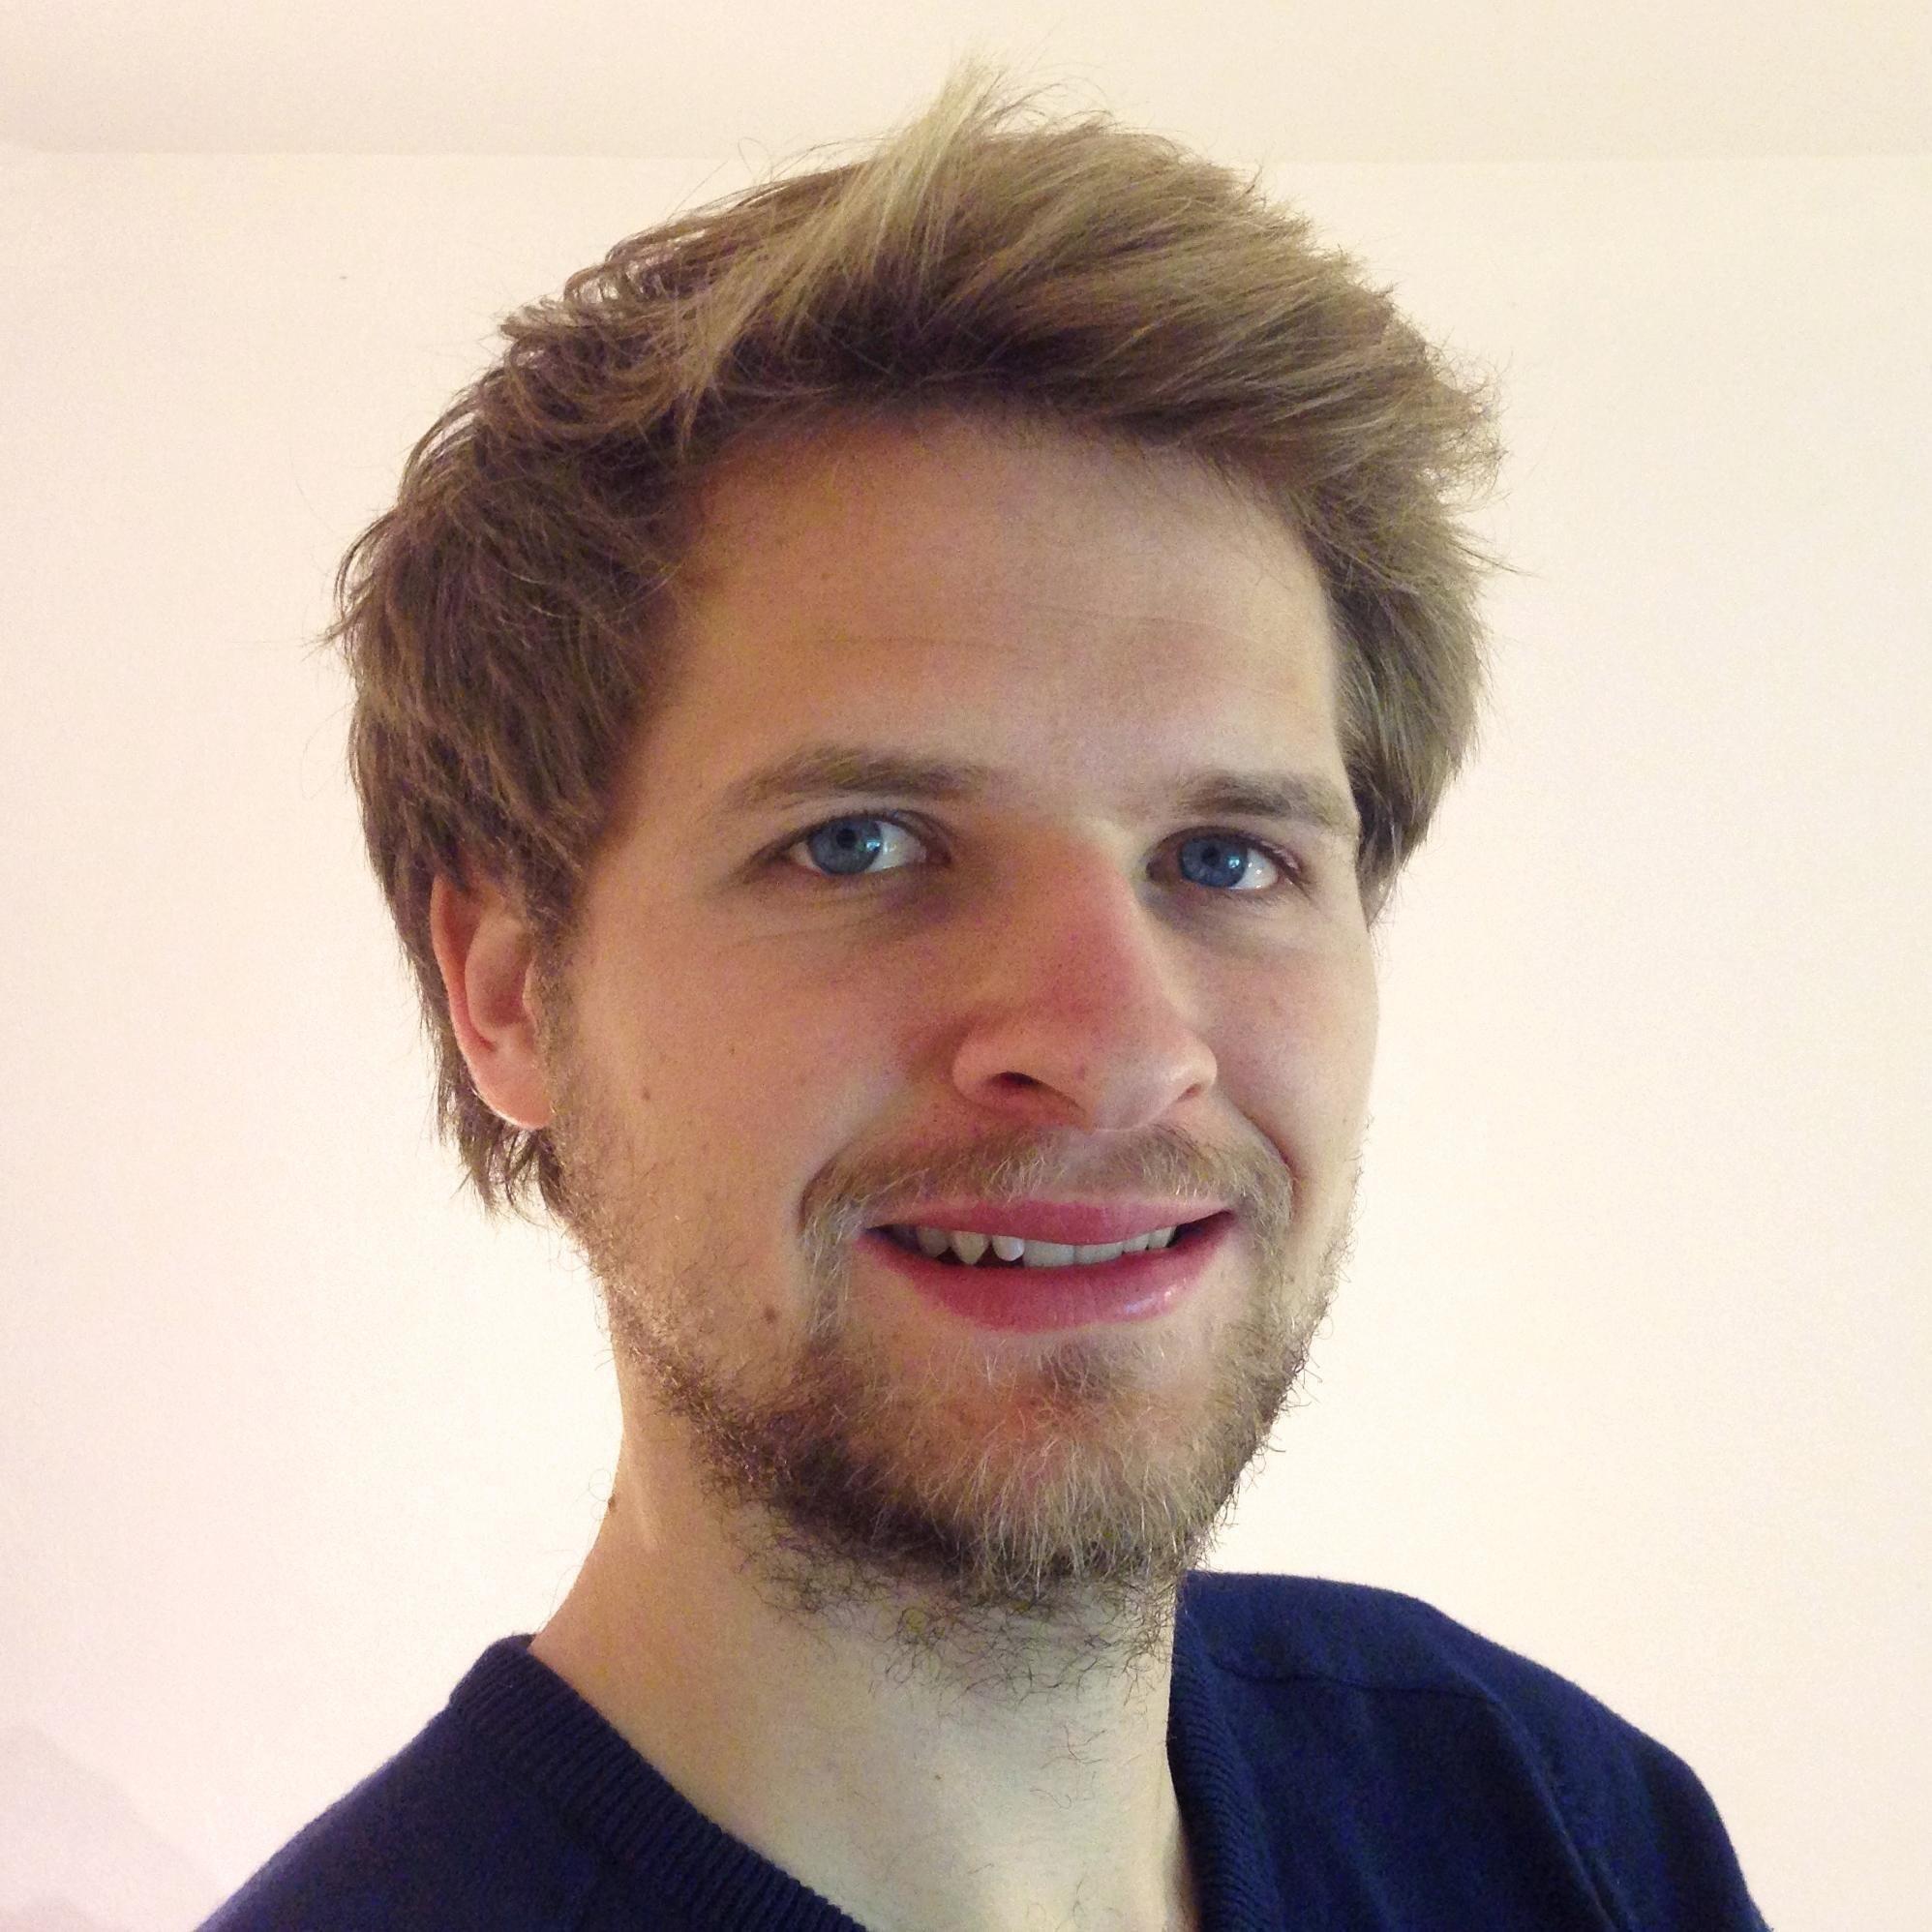 Jonas Schmedtmann